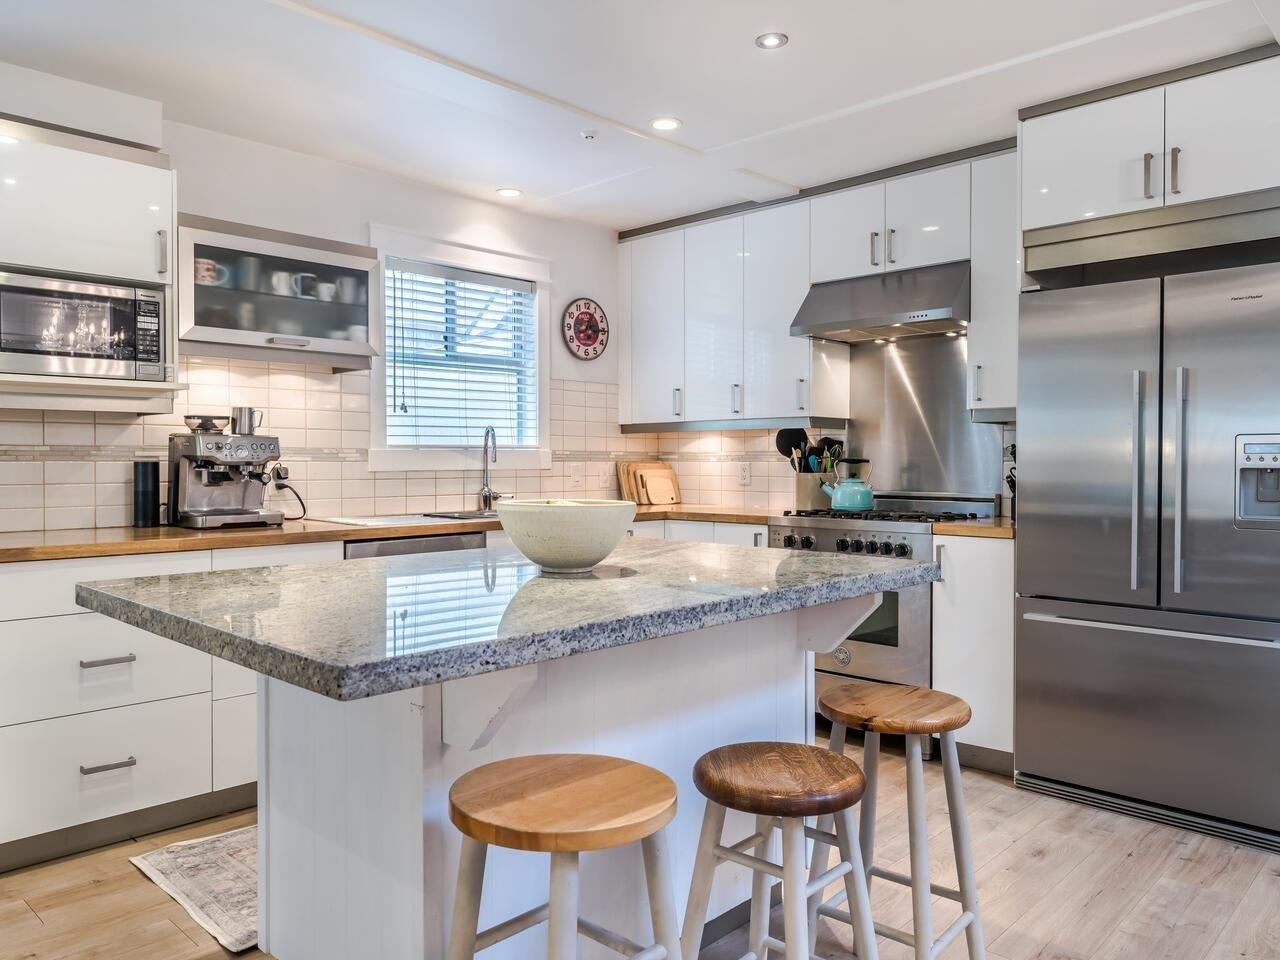 1231 E 11TH AVENUE - Mount Pleasant VE 1/2 Duplex for sale, 3 Bedrooms (R2625828) - #4